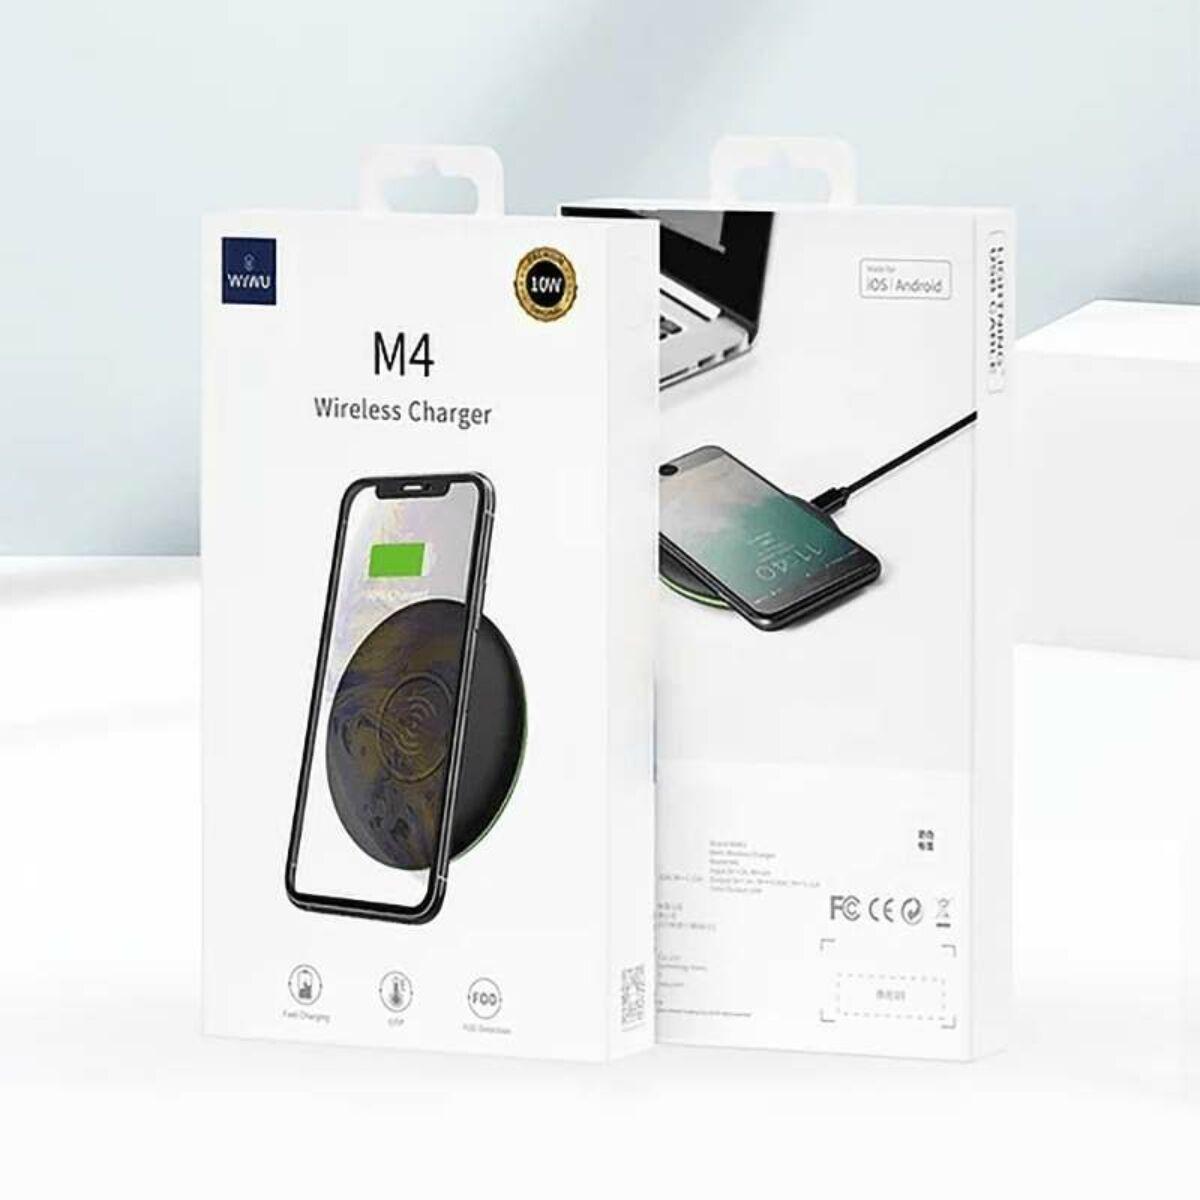 WiWU Vezeték nélküli töltő, MagSafe funkcióval (M4) asztali töltő 10W, fekete, EU